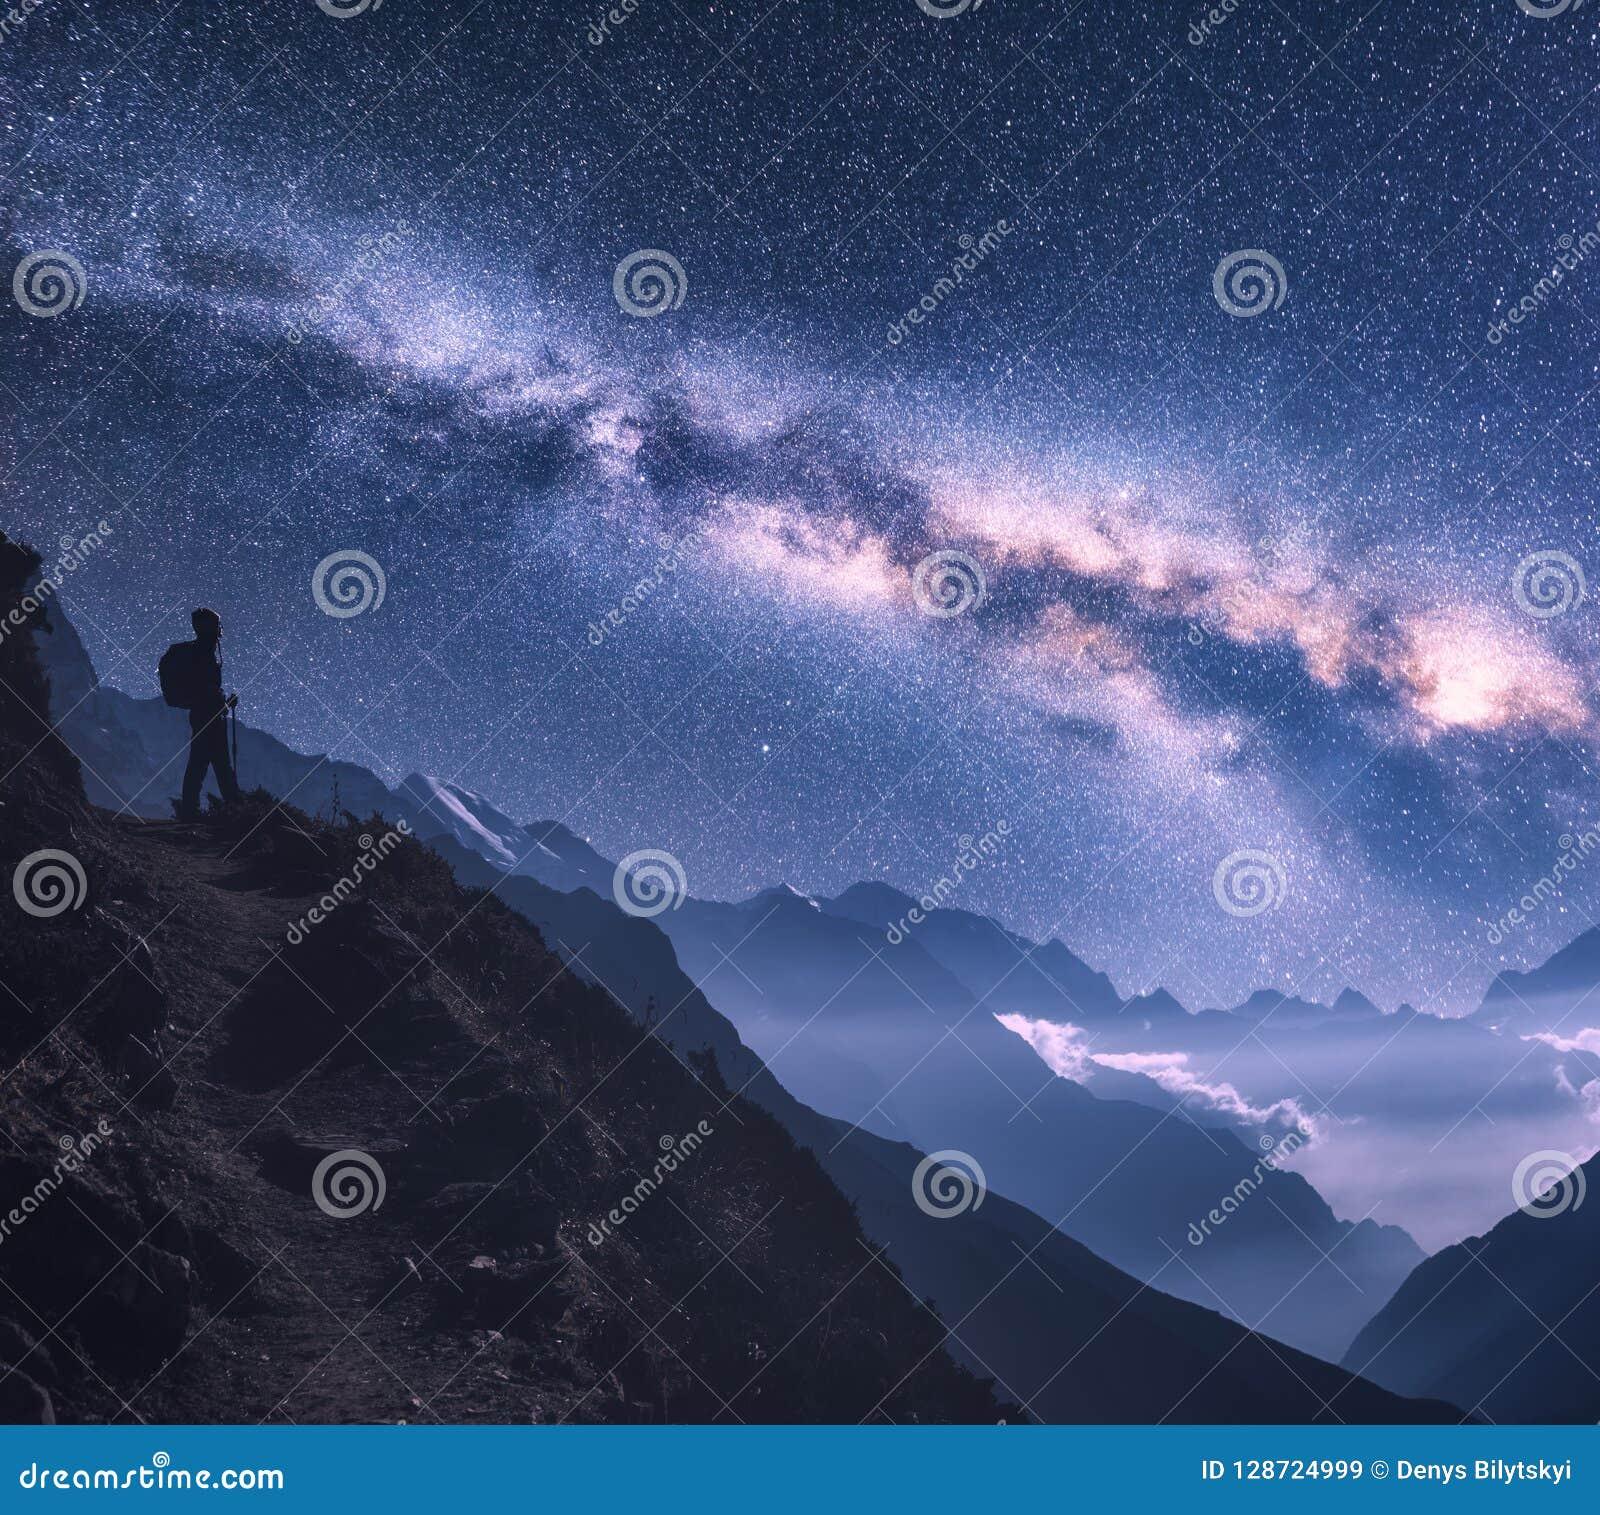 Espaço com Via Látea, menina e montanhas na noite